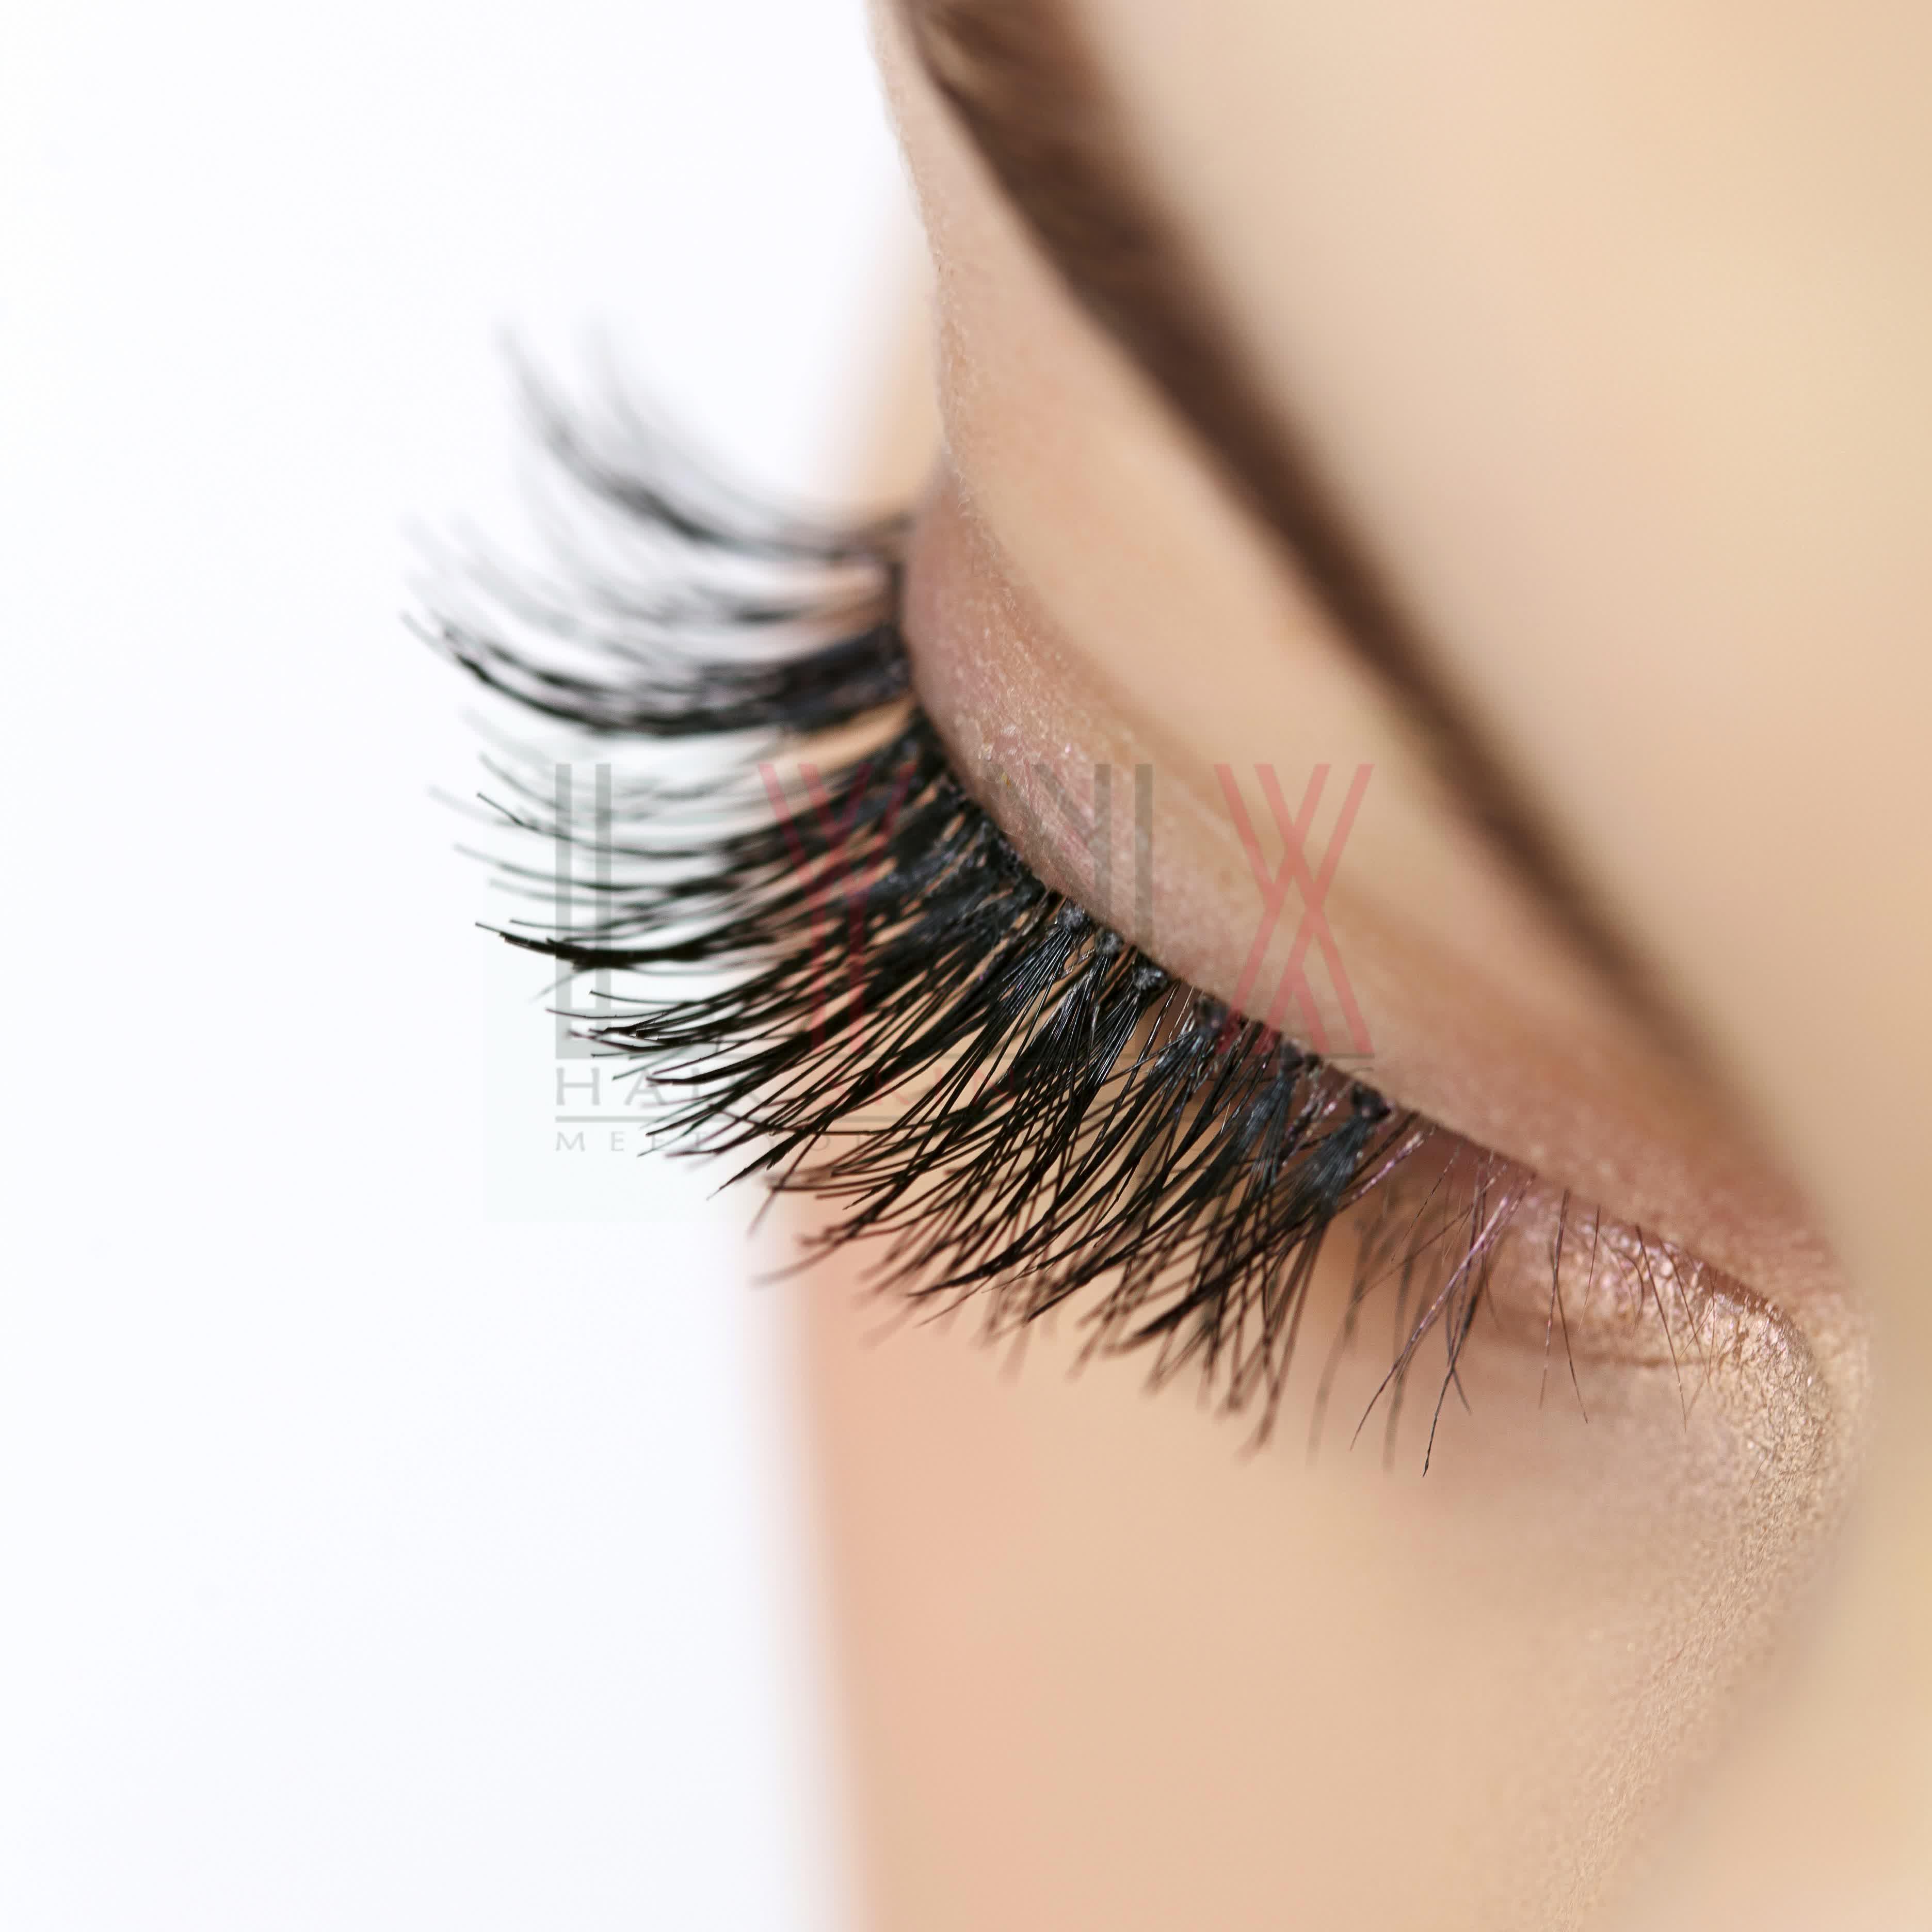 Permanent eyelash in Gurgaon, eyelash service in gurgaon, best eyelash services in Gurgaon, eyelash service in Rewari, eyelash service in Bhiwadi, Eyelash parlour in Gurgaon